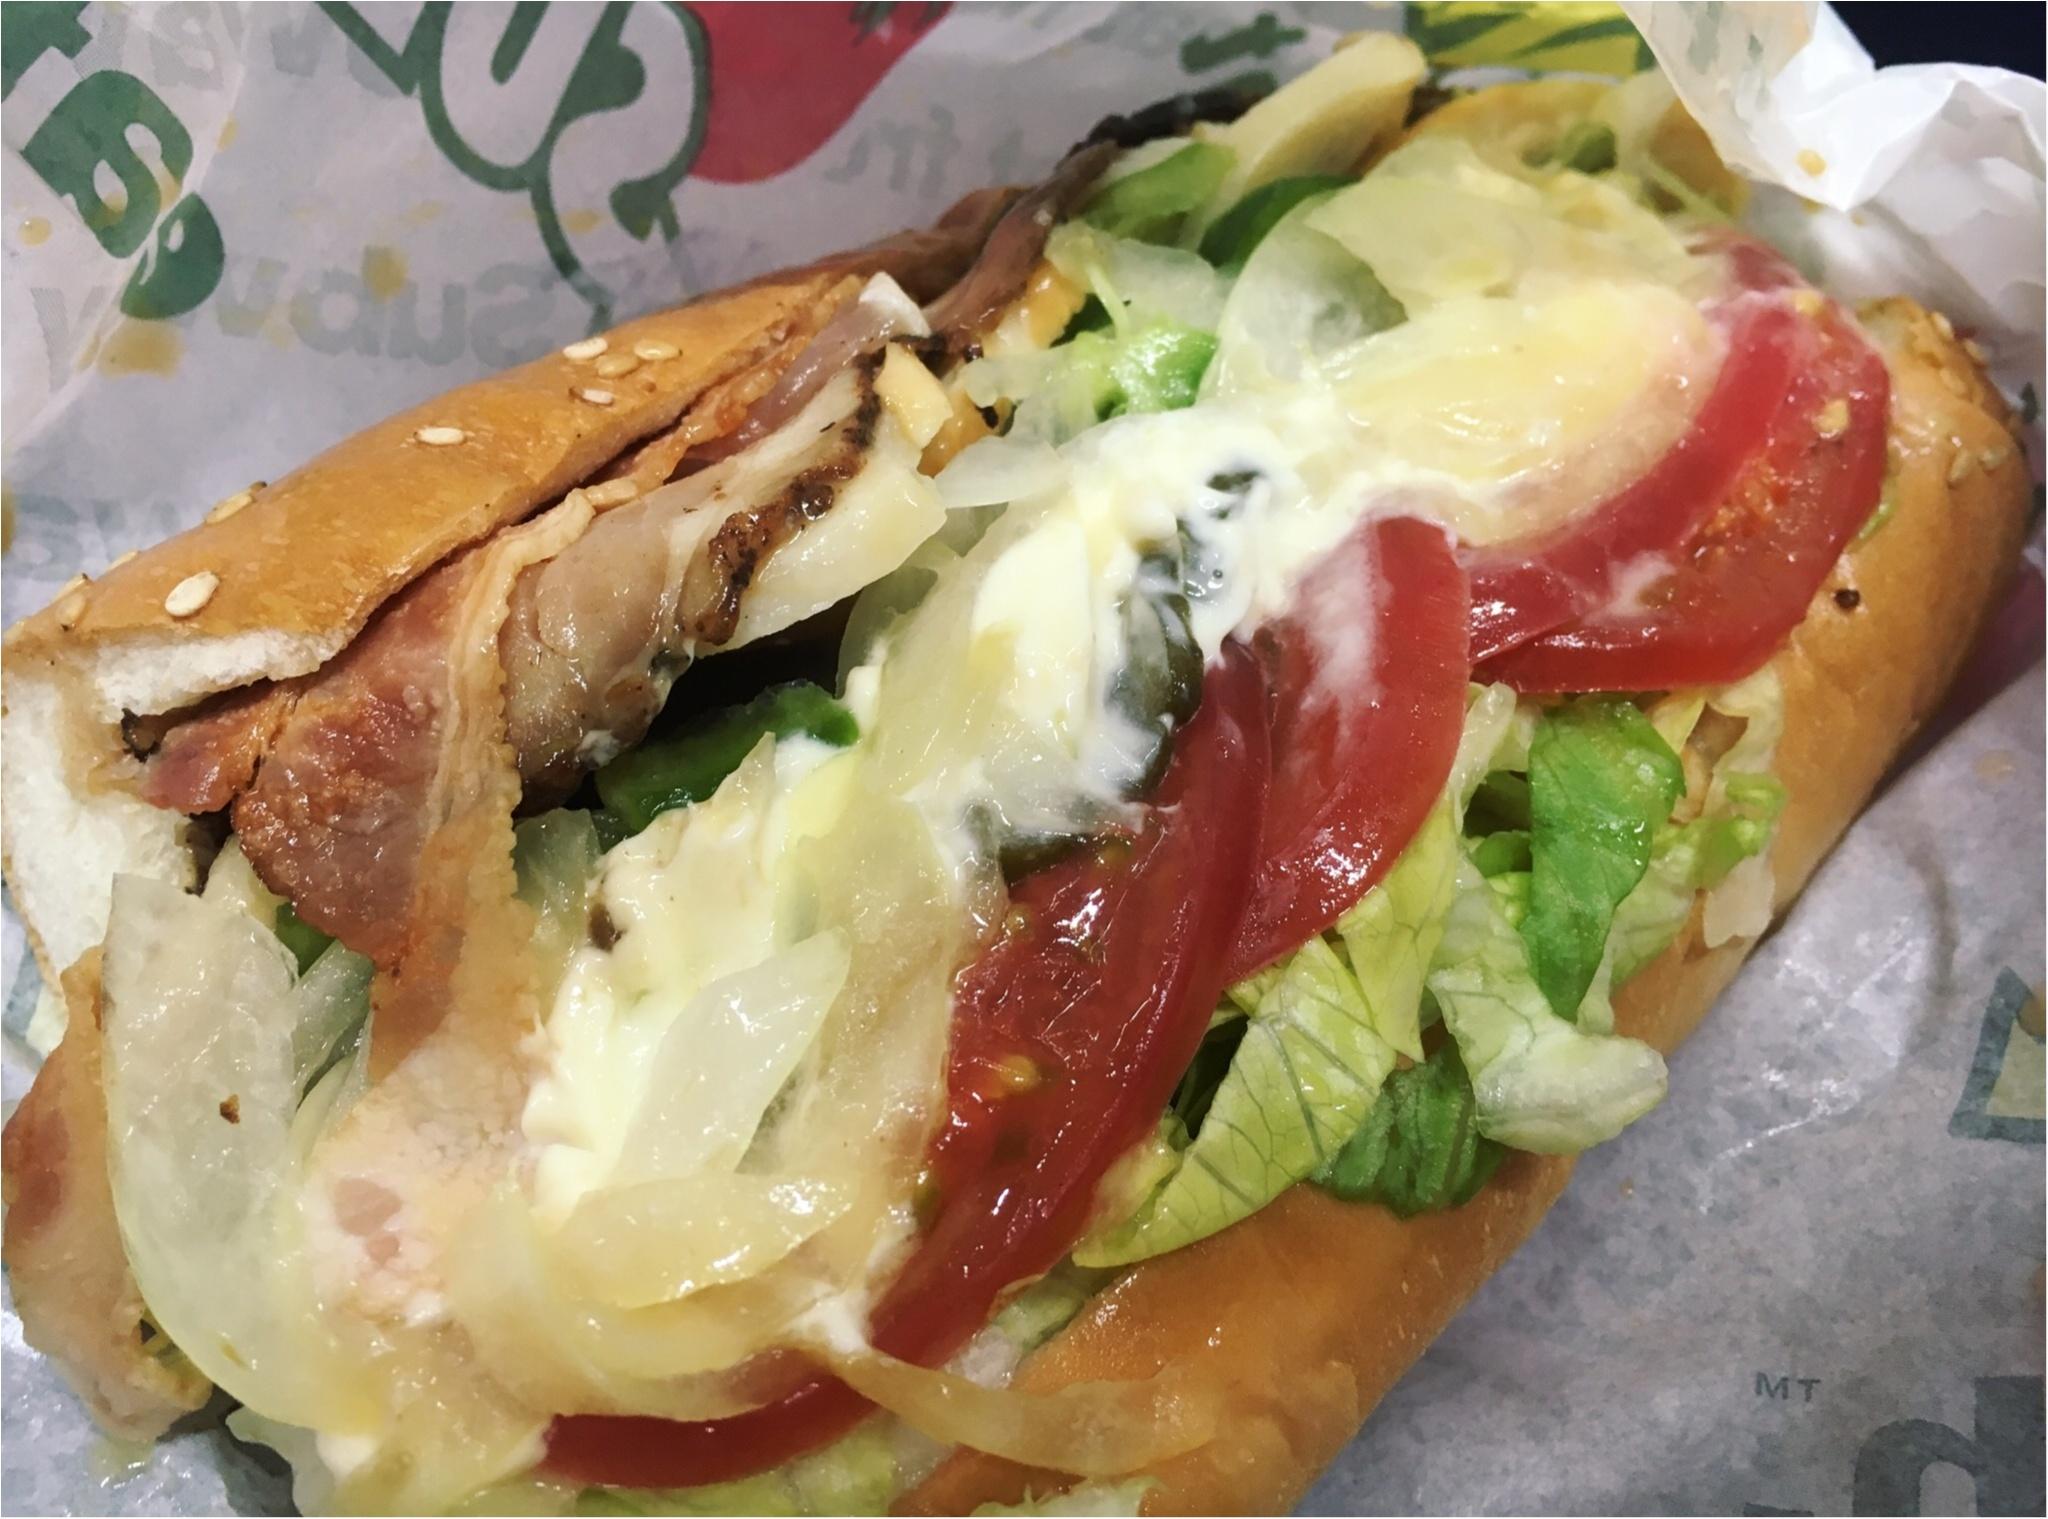 【SUBWAY】8日間限定販売!ボリューミーな「贅沢★肉サンド」は終了間近!!お得な頼み方も…!?_2